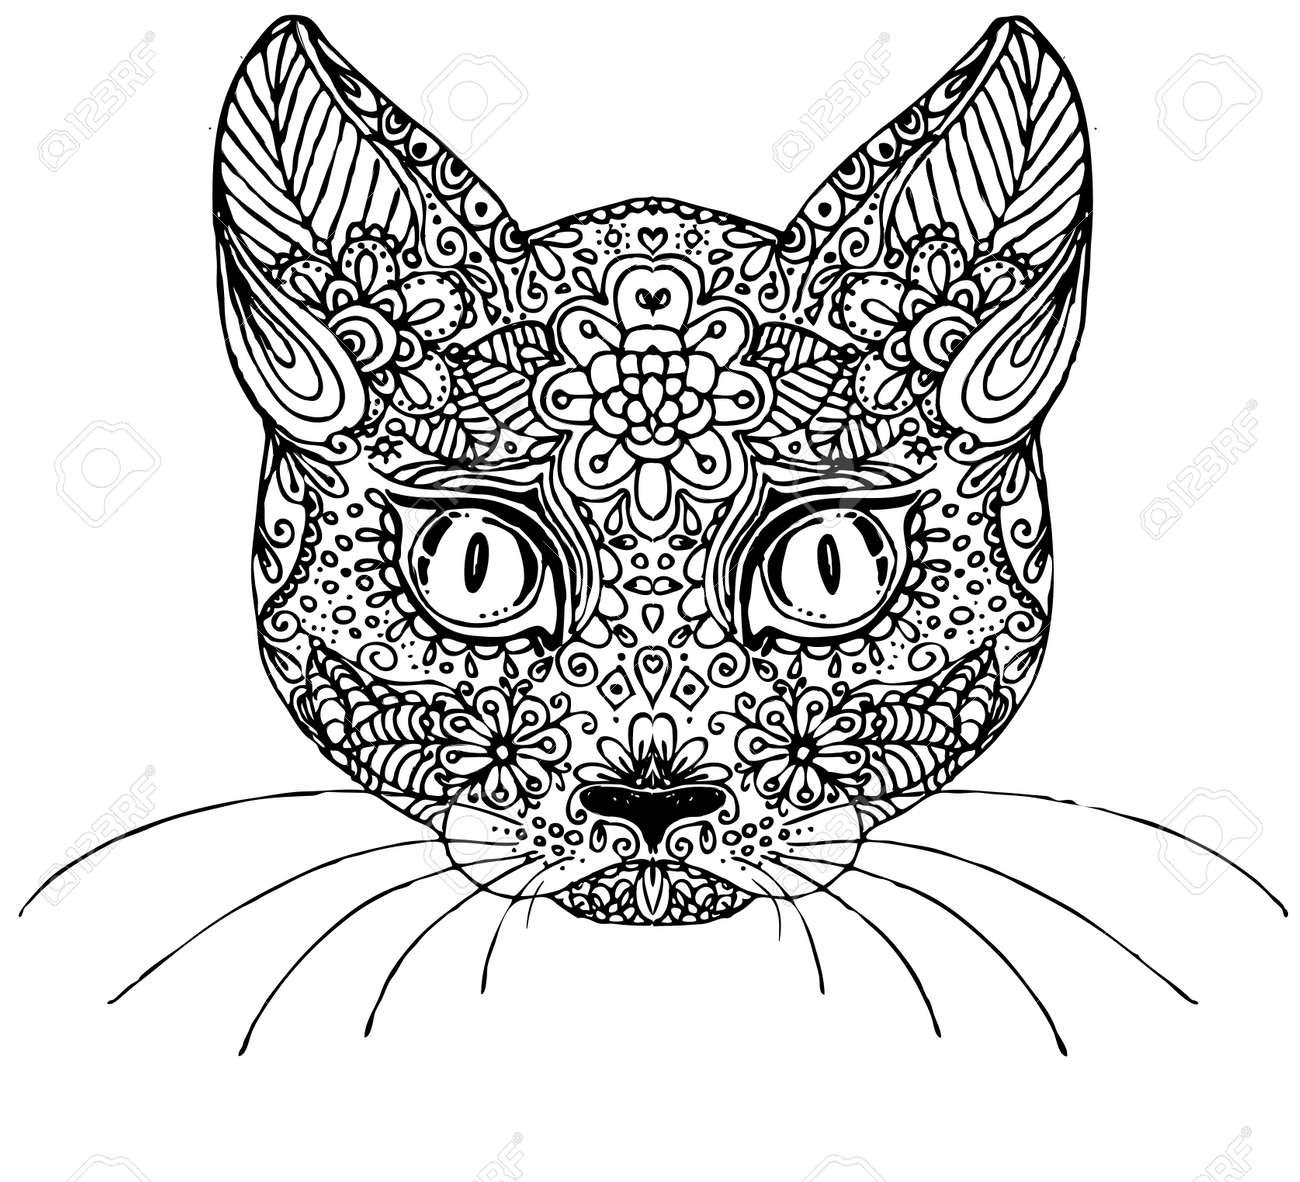 Hand Gezeichnet Doodle Katze. Skizze Für Erwachsene Anti-Stress ...